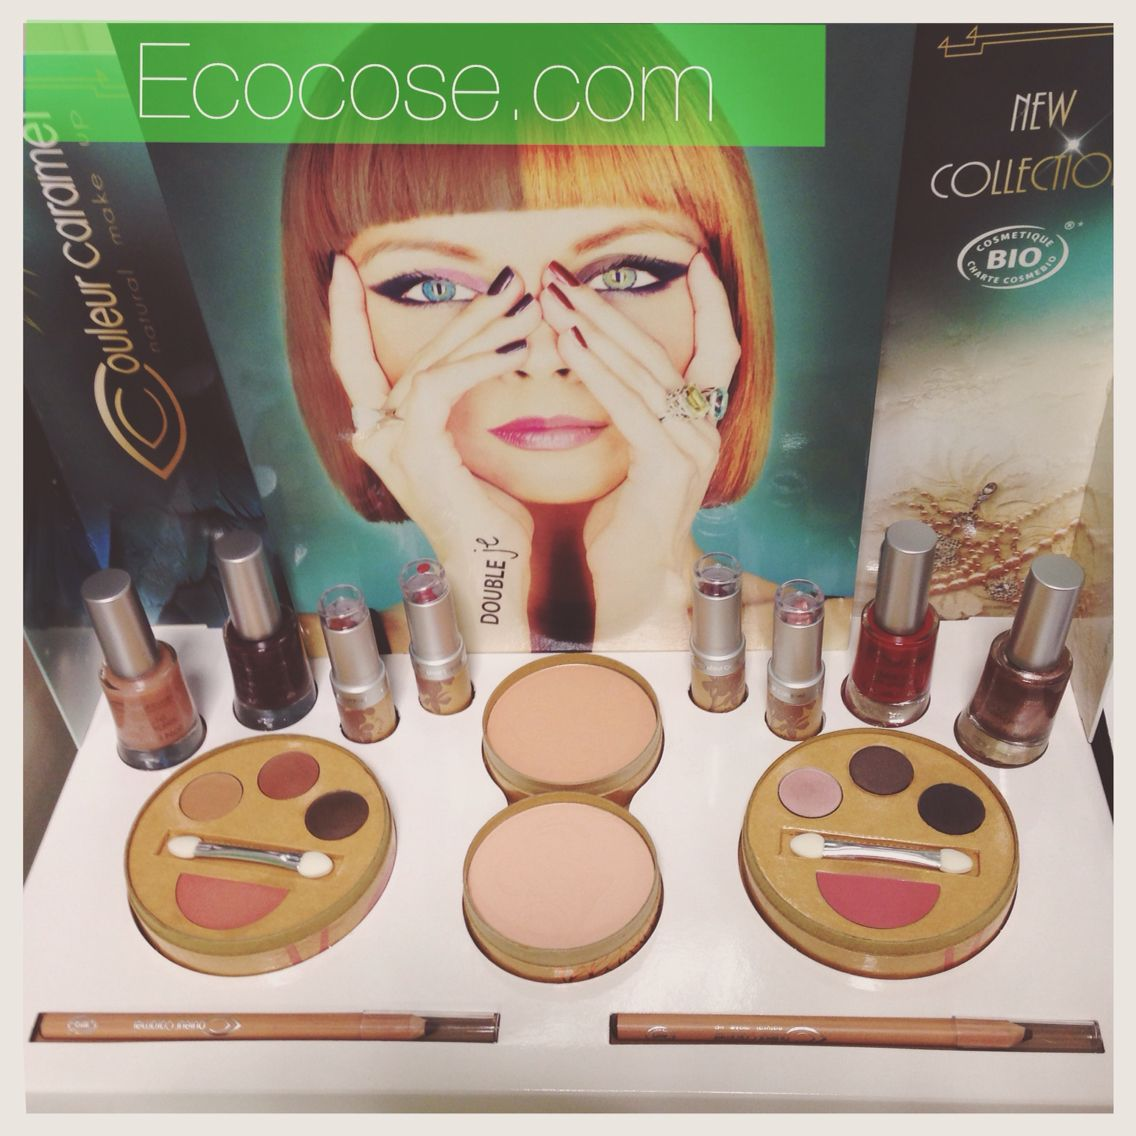 La collezione Double Je Couleur Caramel. Con l'acquisto di 1 kit Flash Makeup o 1 Poudre Precieuse subito in Omaggio 2 salviette struccanti in cotone bio Couleur Caramel!!  #ecobio #ecocose #couleurcaramel #doubleje #cosmeticiecobio #cosmeticibiologici #bio #cosmesiecobio